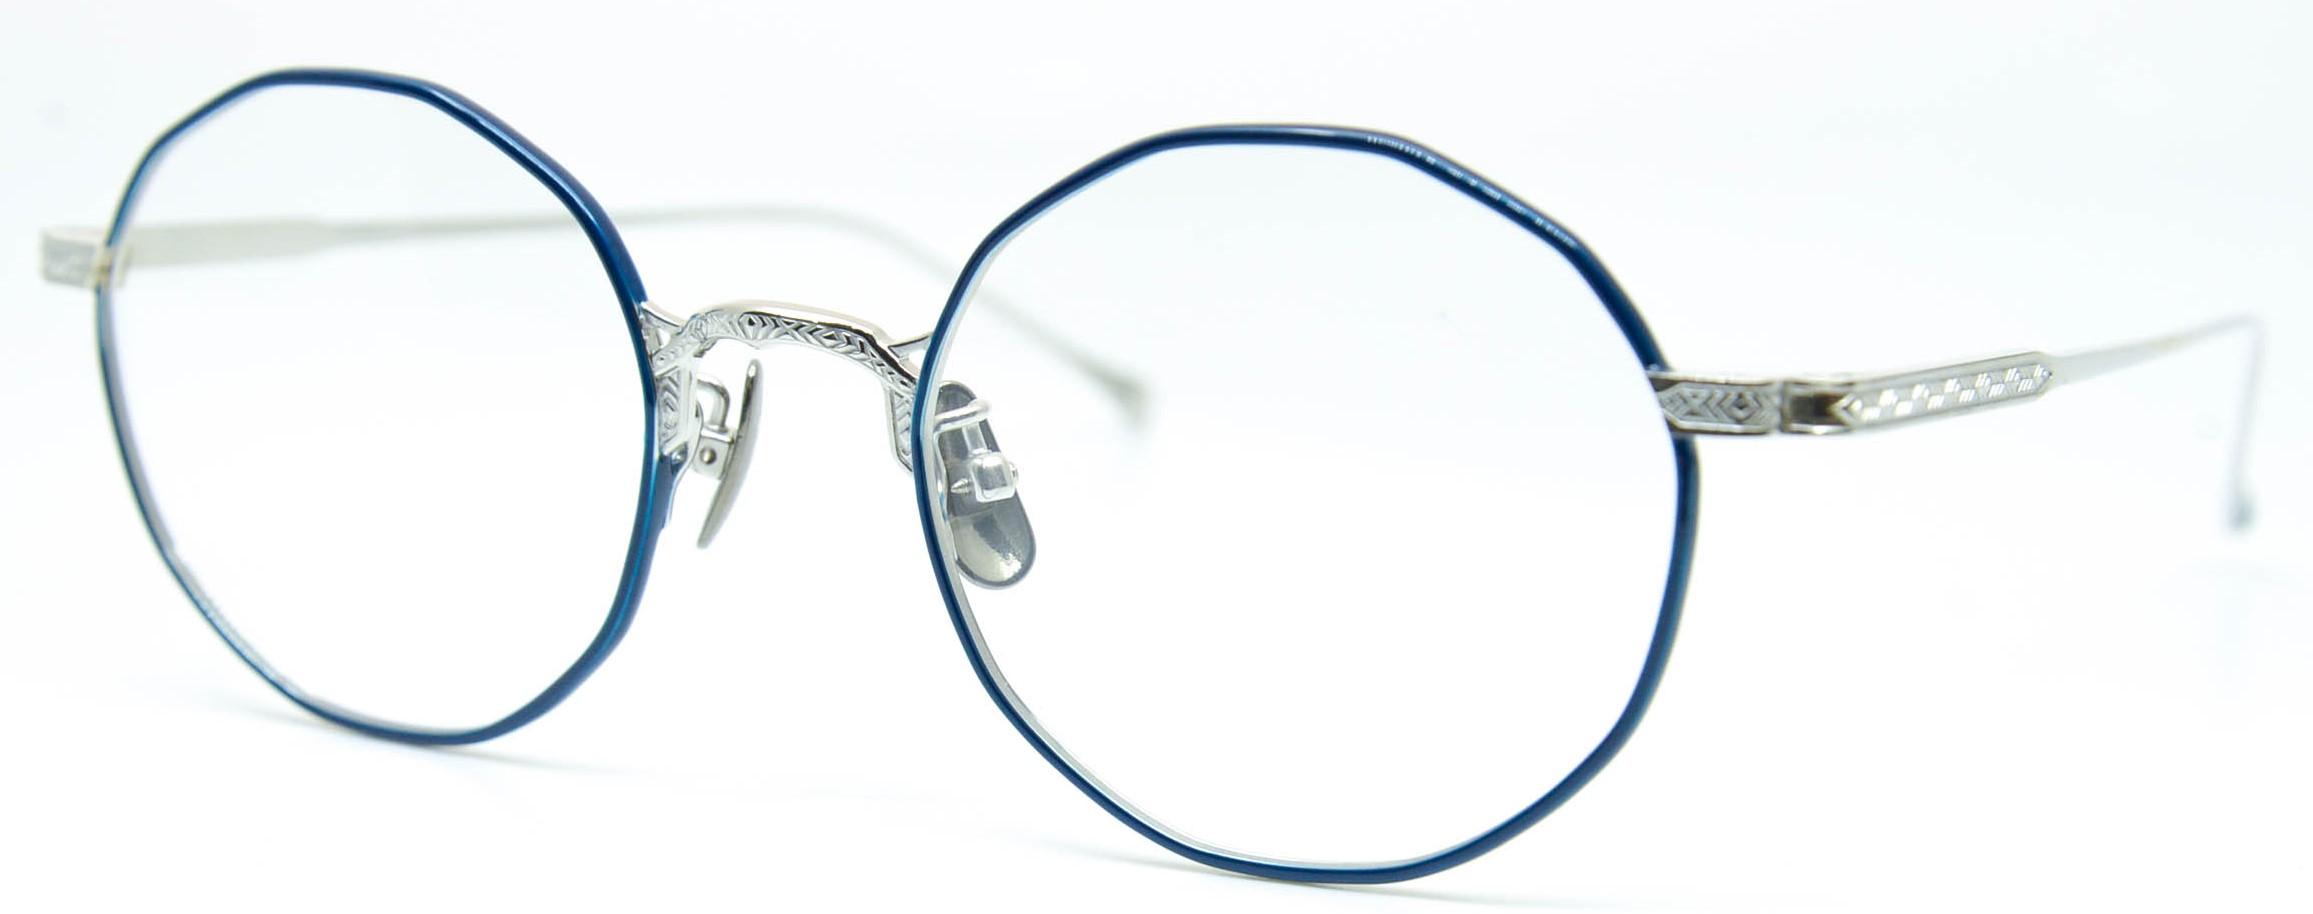 眼鏡のカラータイプC-2 Blue/Silver